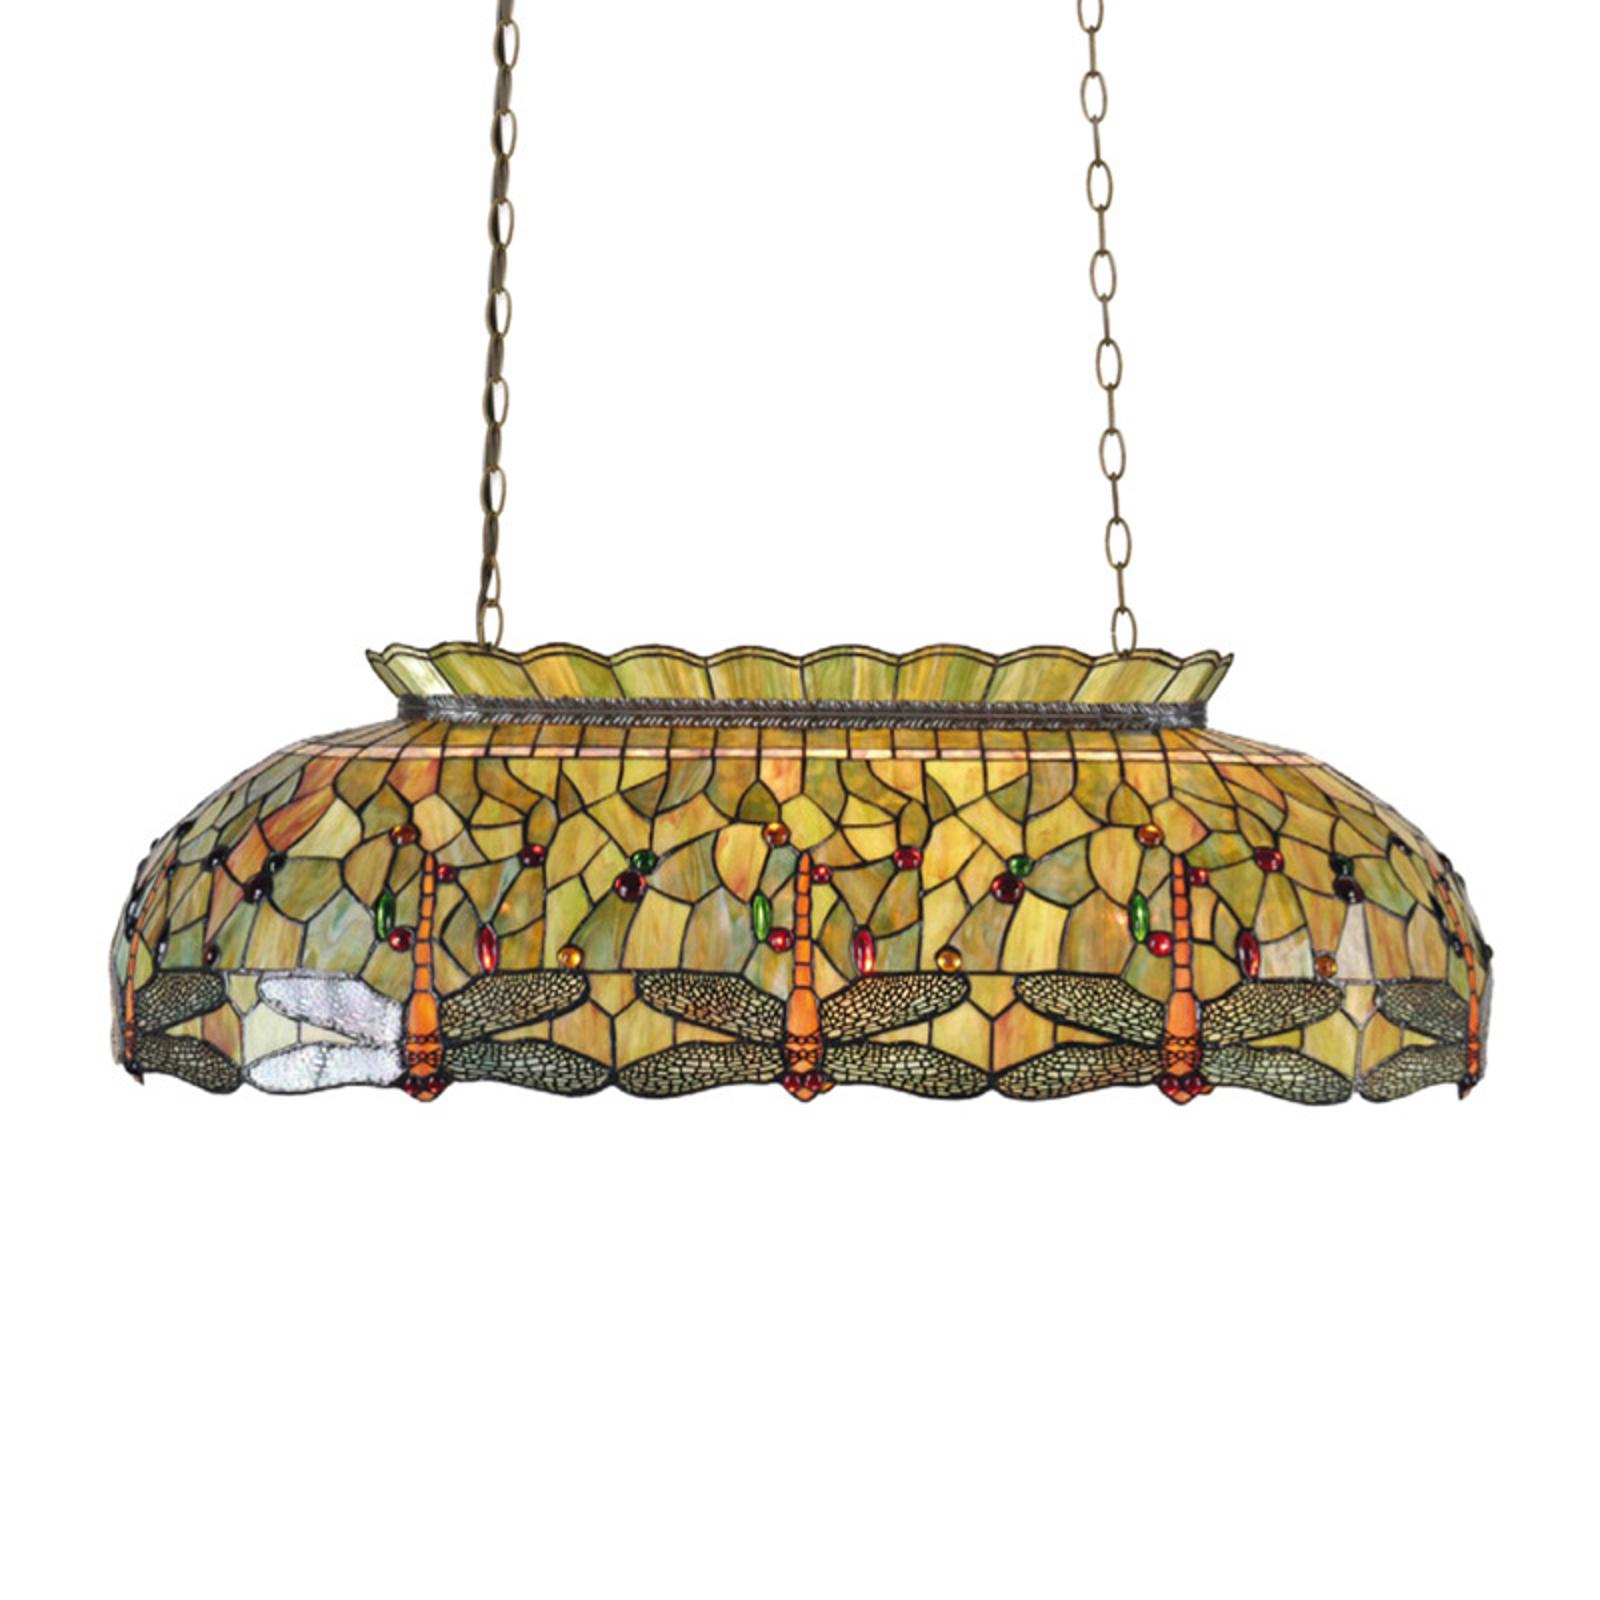 Zielona lampa wisząca Fania w stylu Tiffany